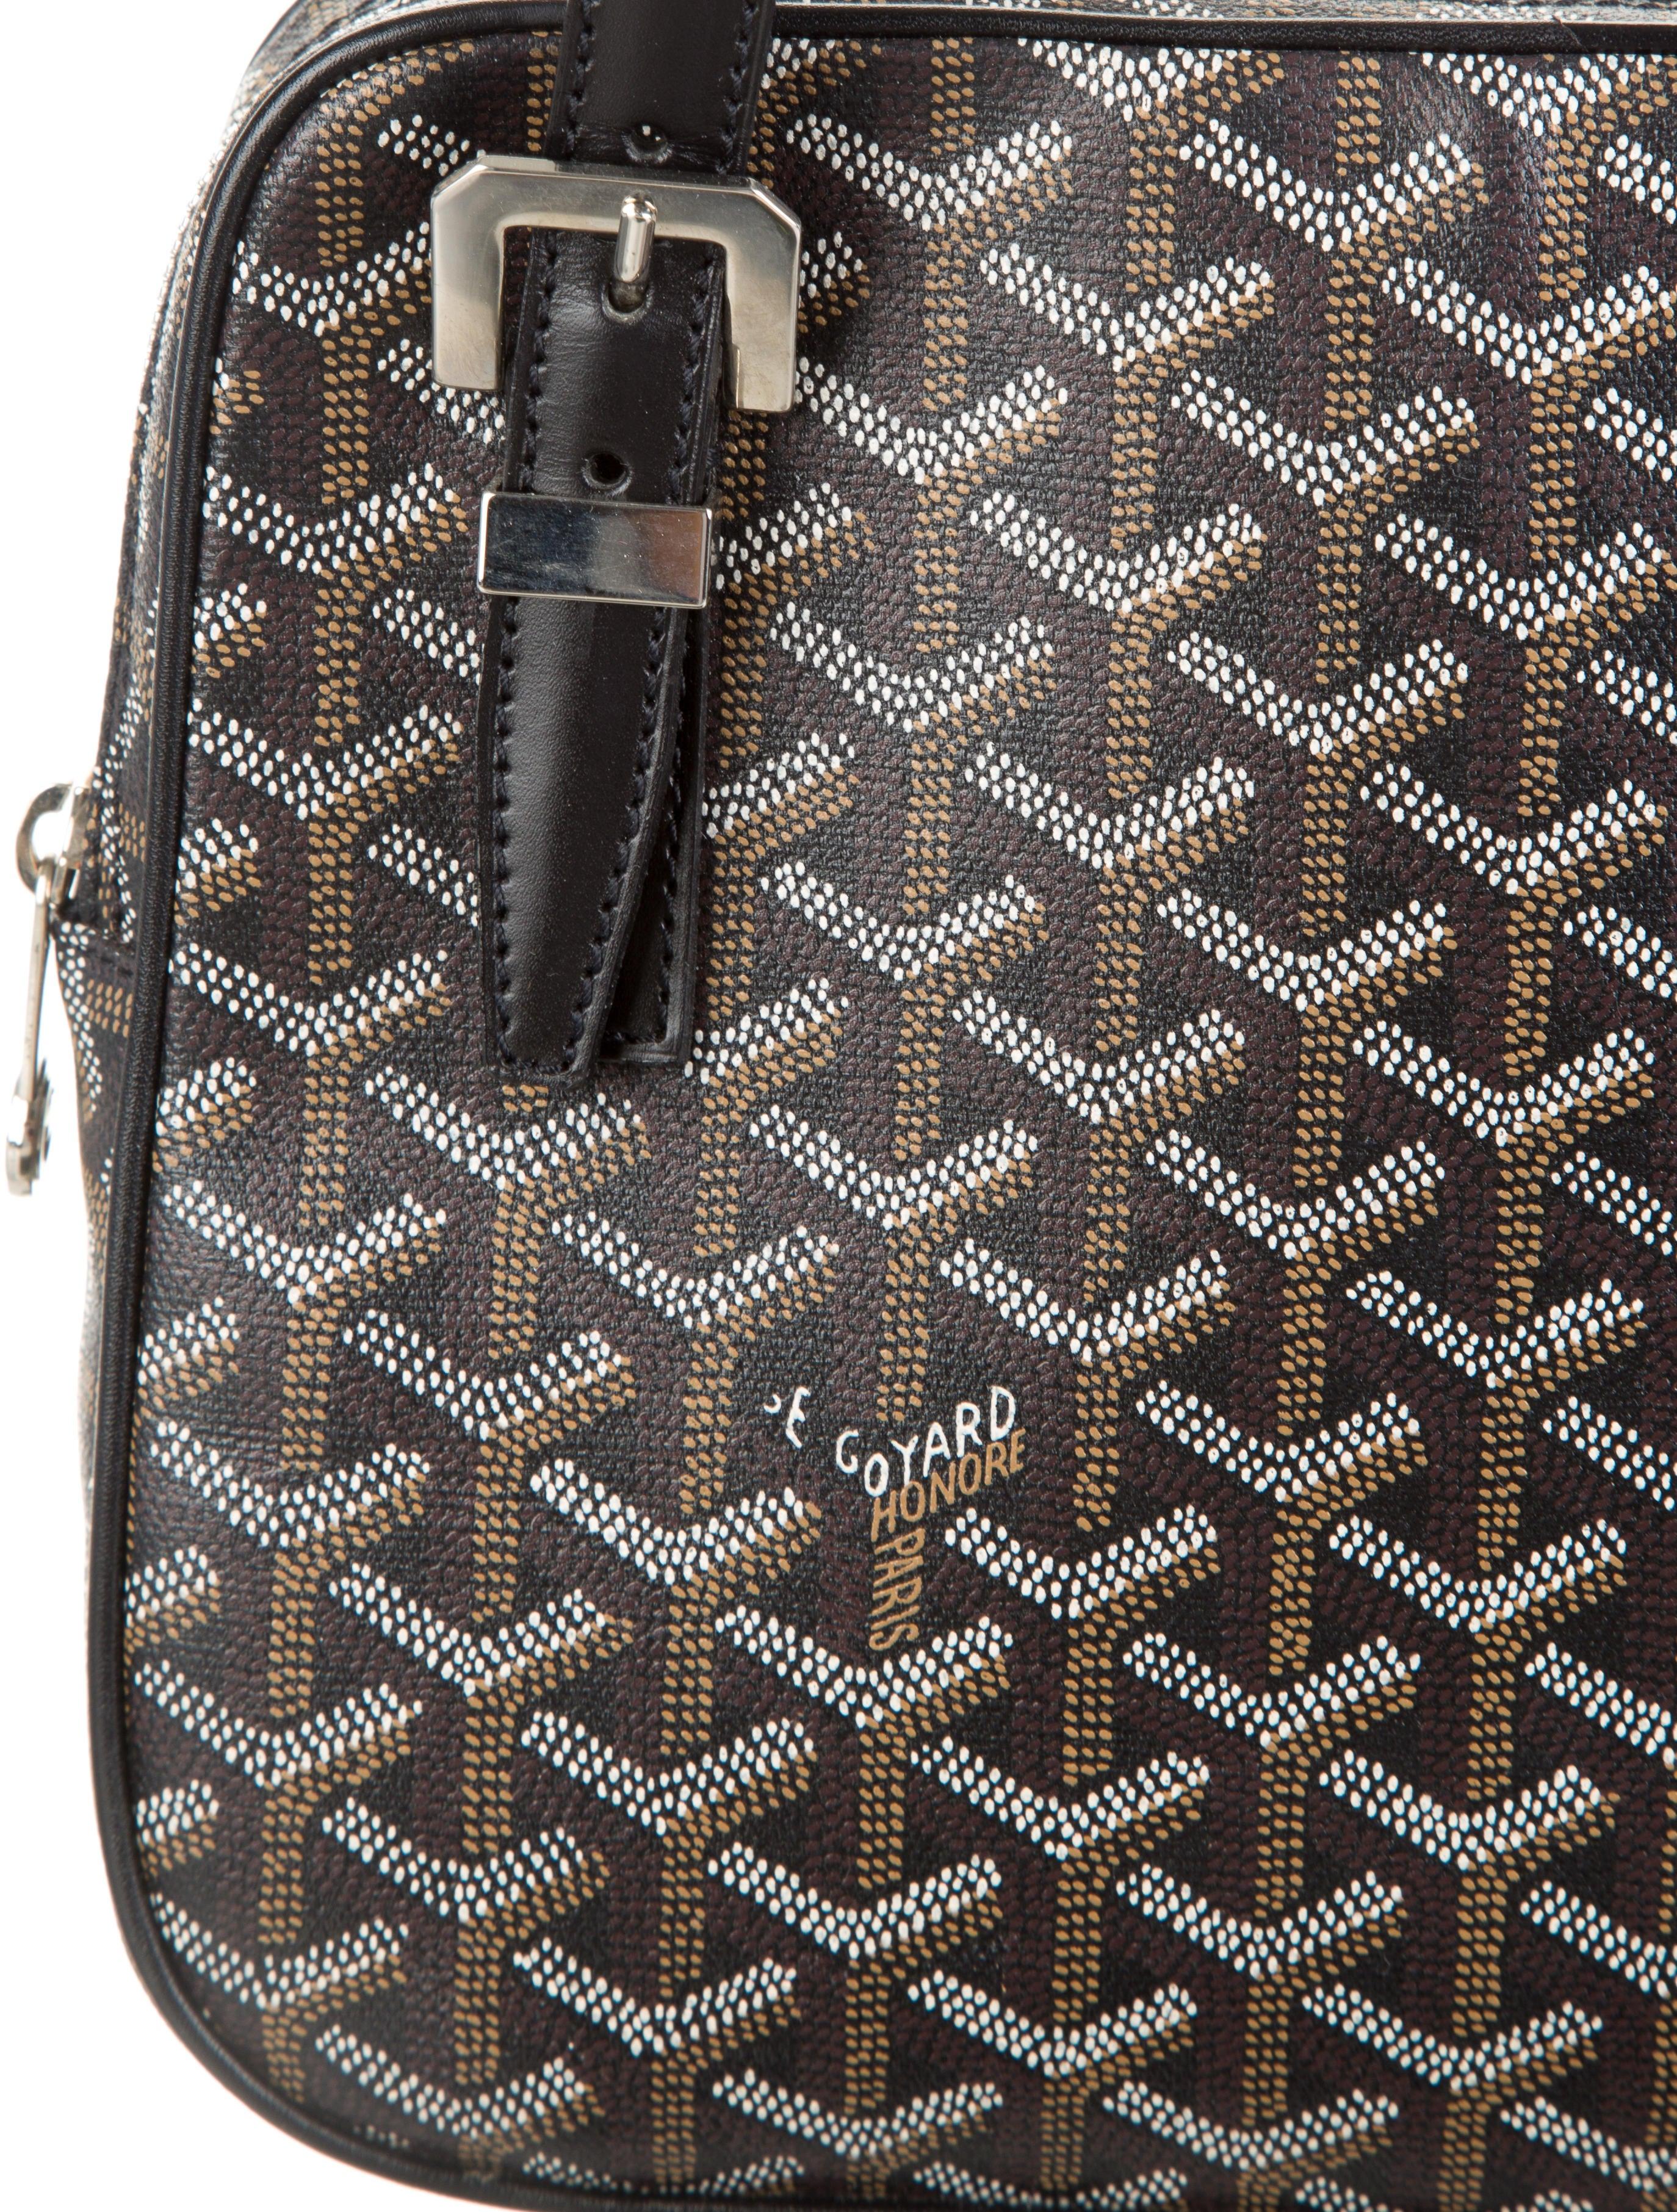 hermes paris handbags - hermes dalmatian berlingot bag, paris fakes hermes